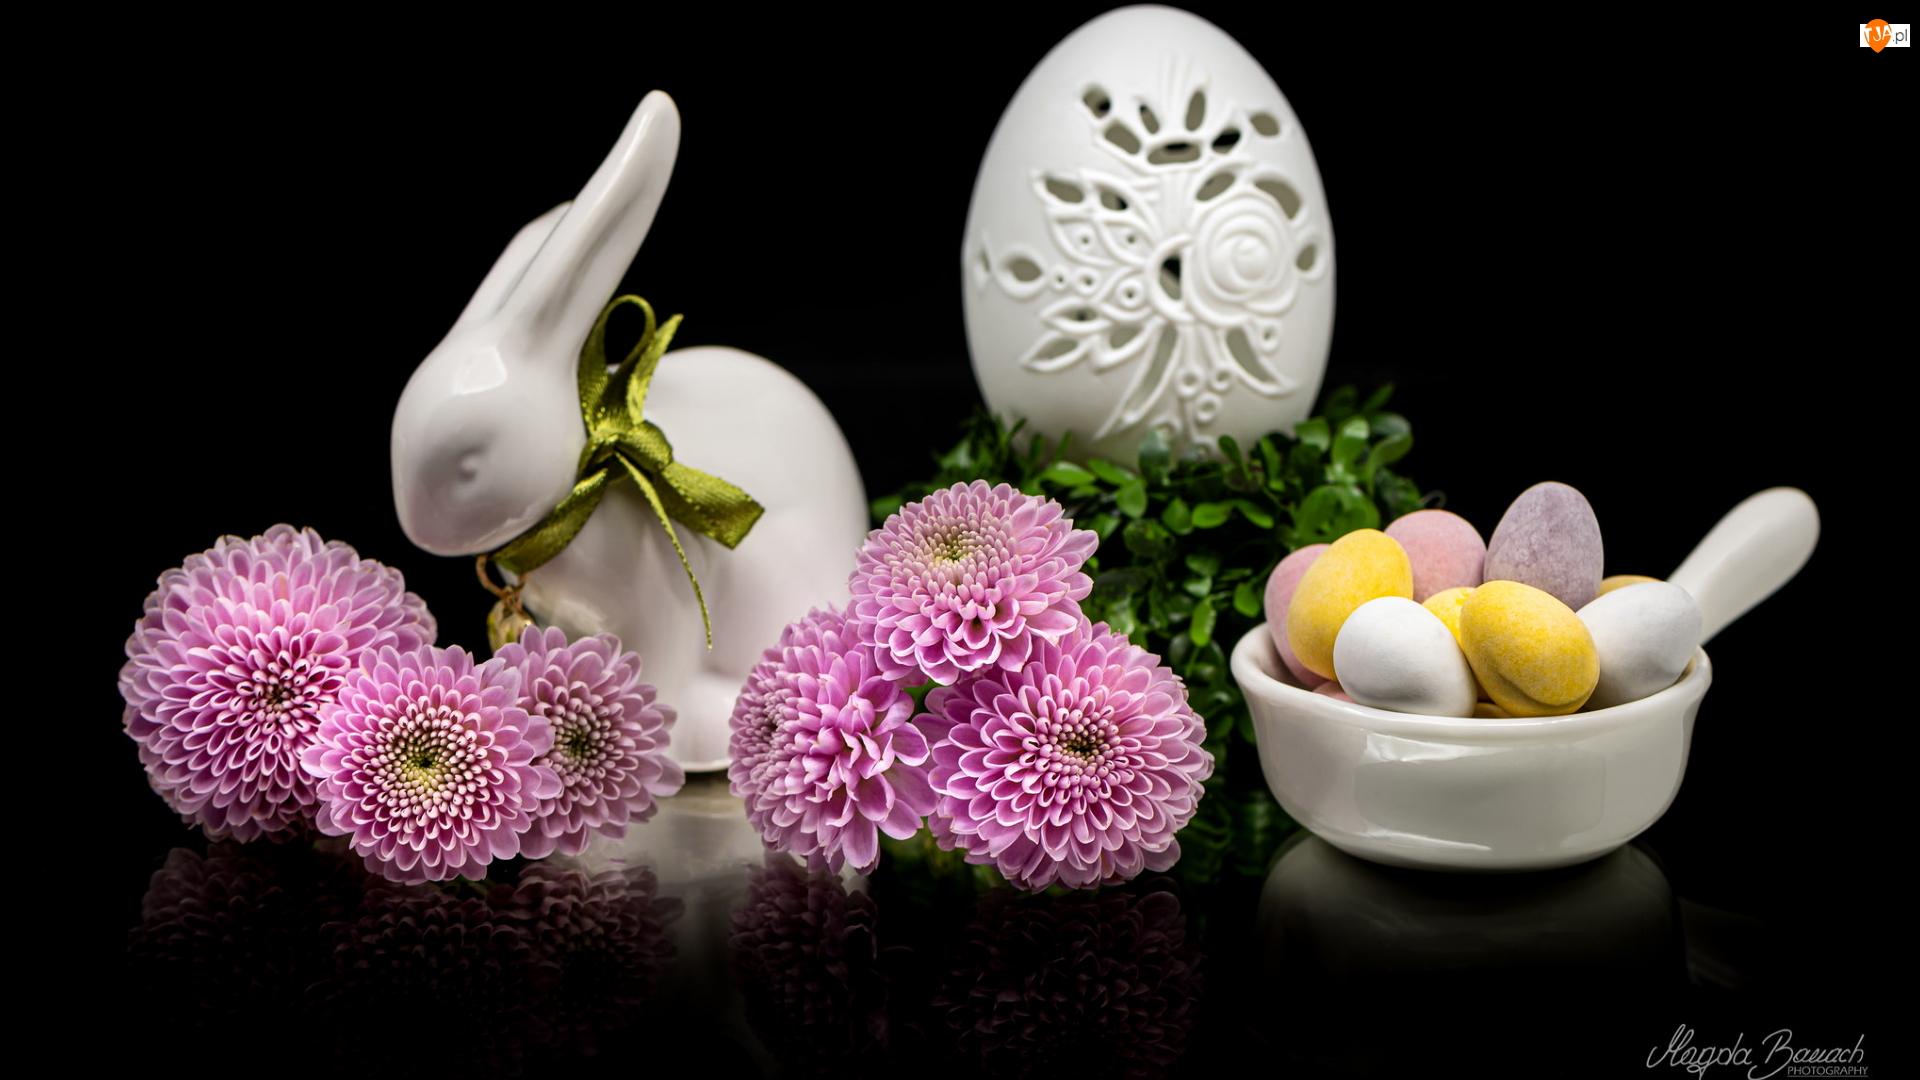 Kompozycja, Kwiaty, Zajączek, Wielkanoc, Jajeczka, Pisanka, Chryzantemy